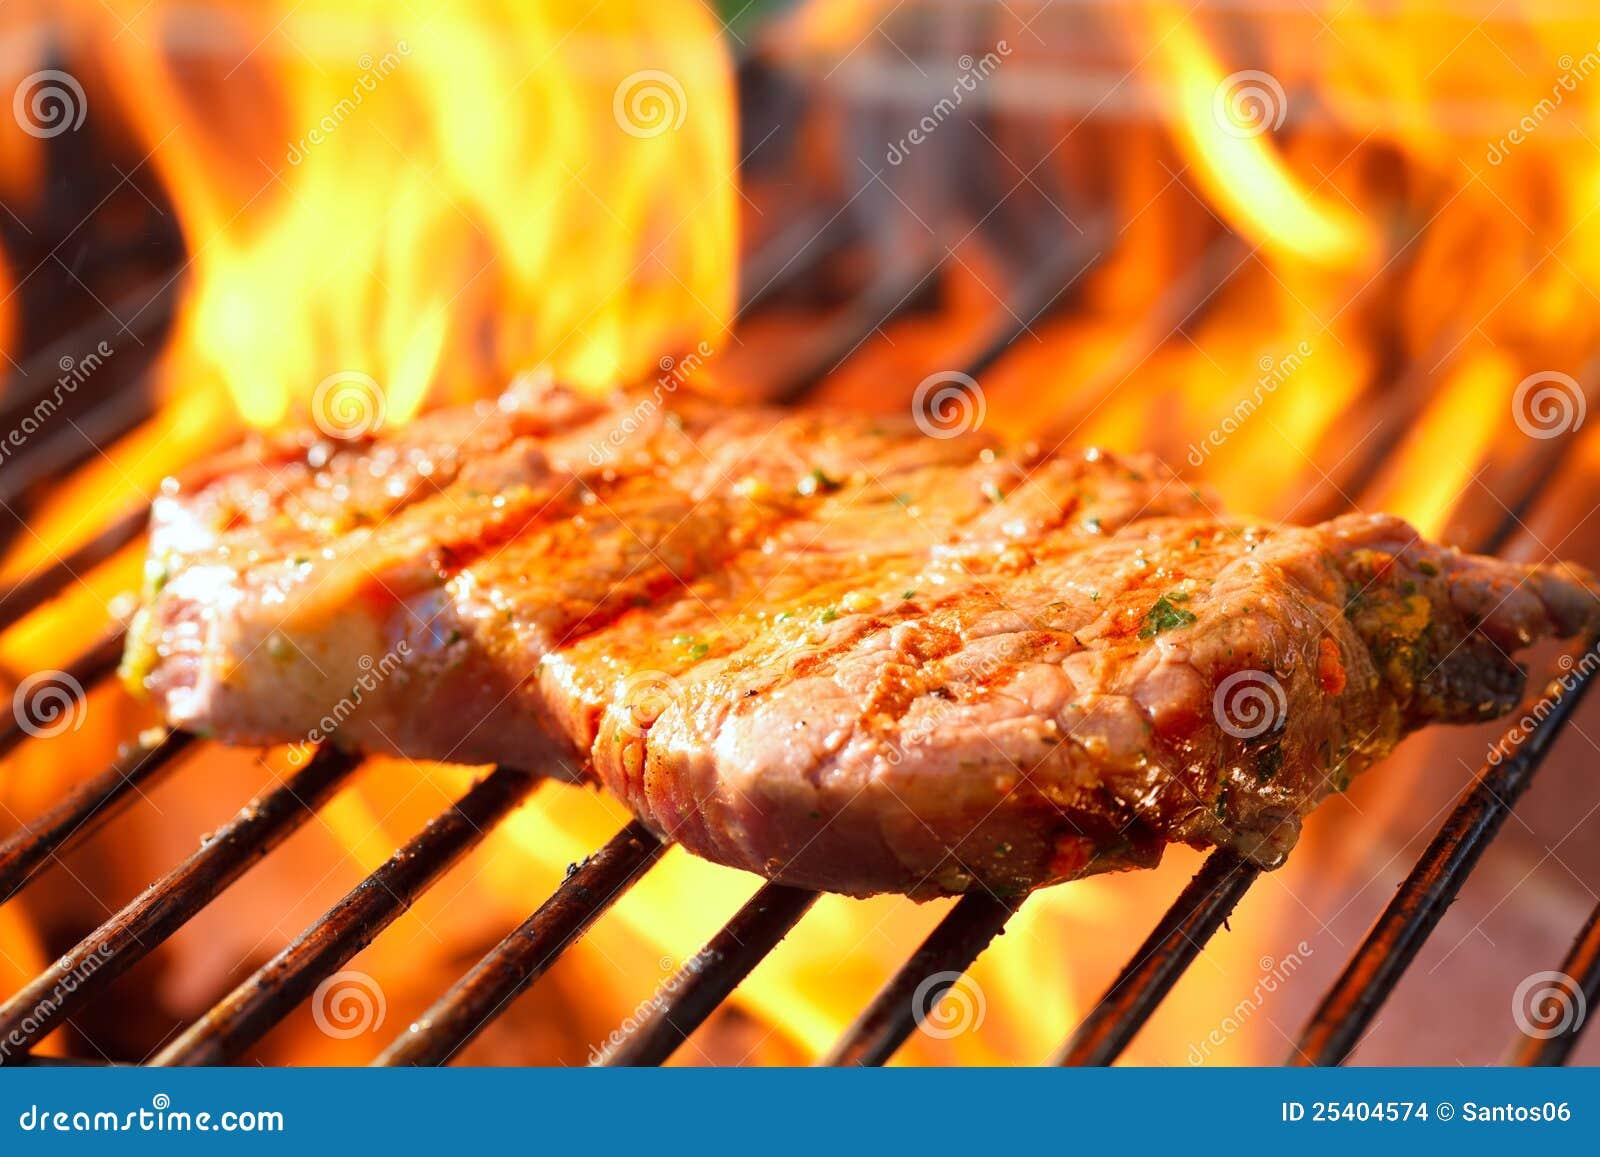 steak auf grill mit flammen stockbilder bild 25404574. Black Bedroom Furniture Sets. Home Design Ideas